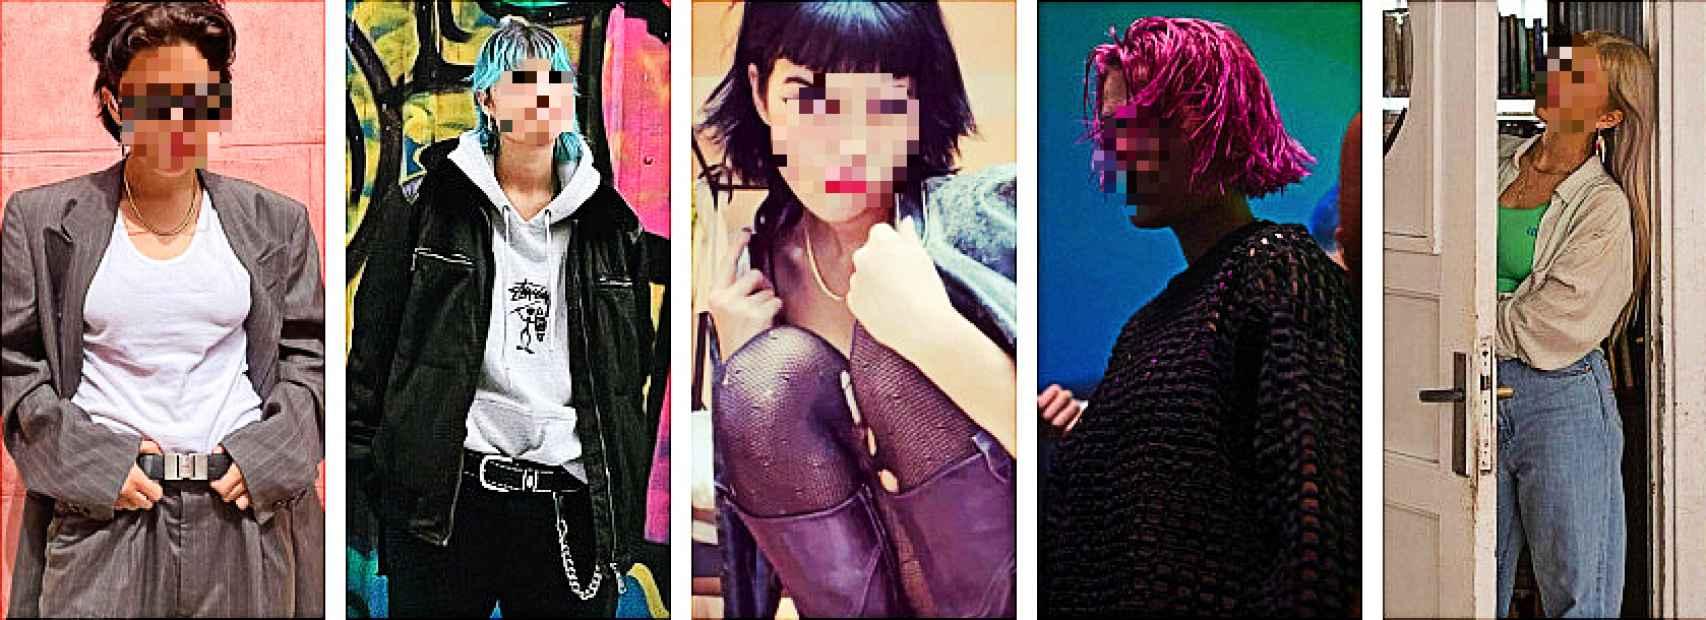 Dora Postigo ha cambiado al menos cinco veces de 'look' en los últimos meses.